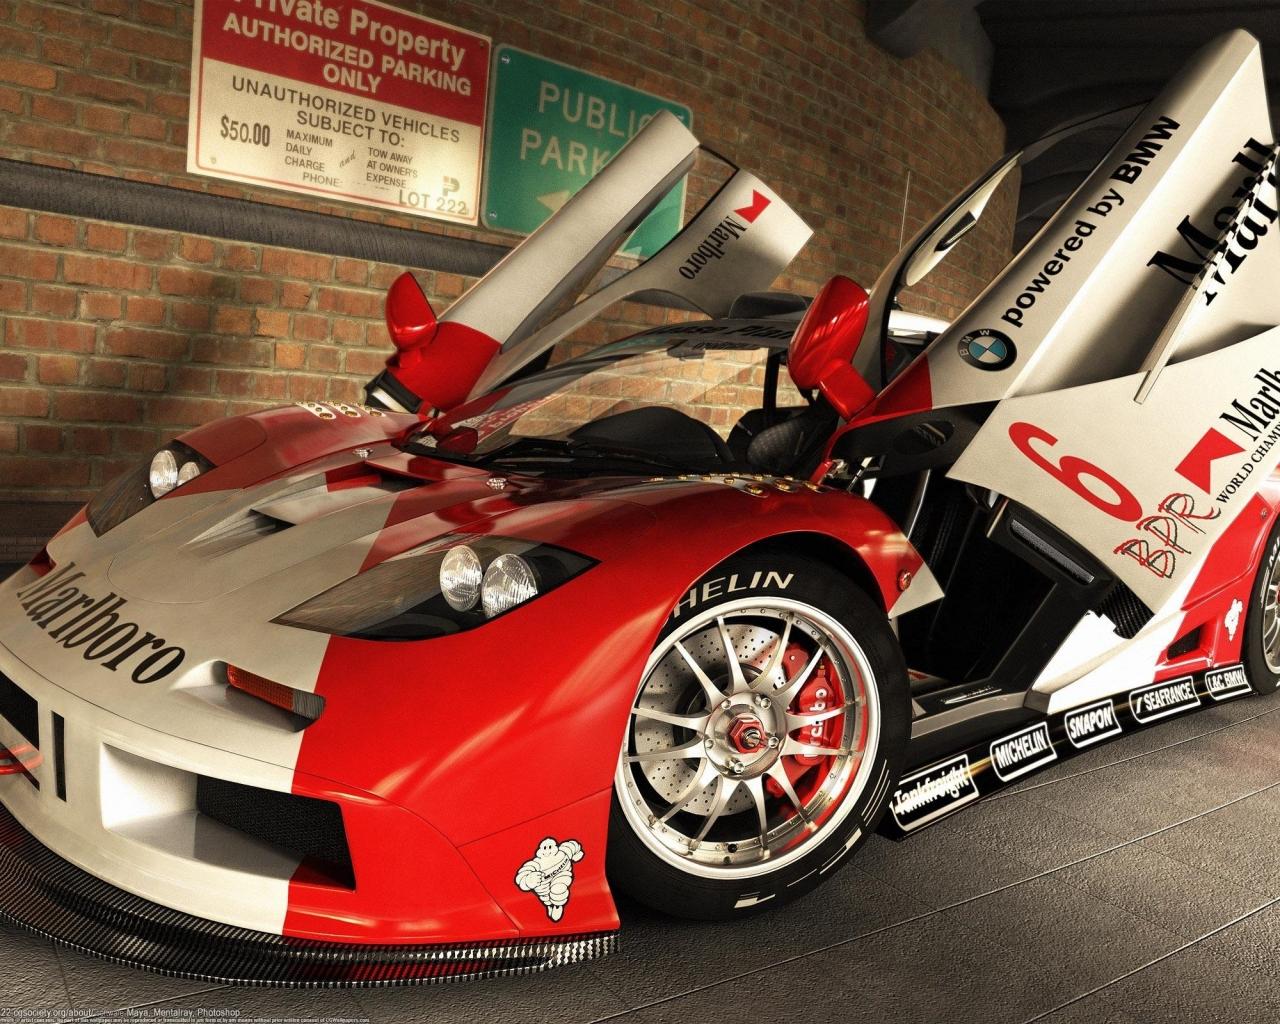 McLaren F1 - 1280x1024